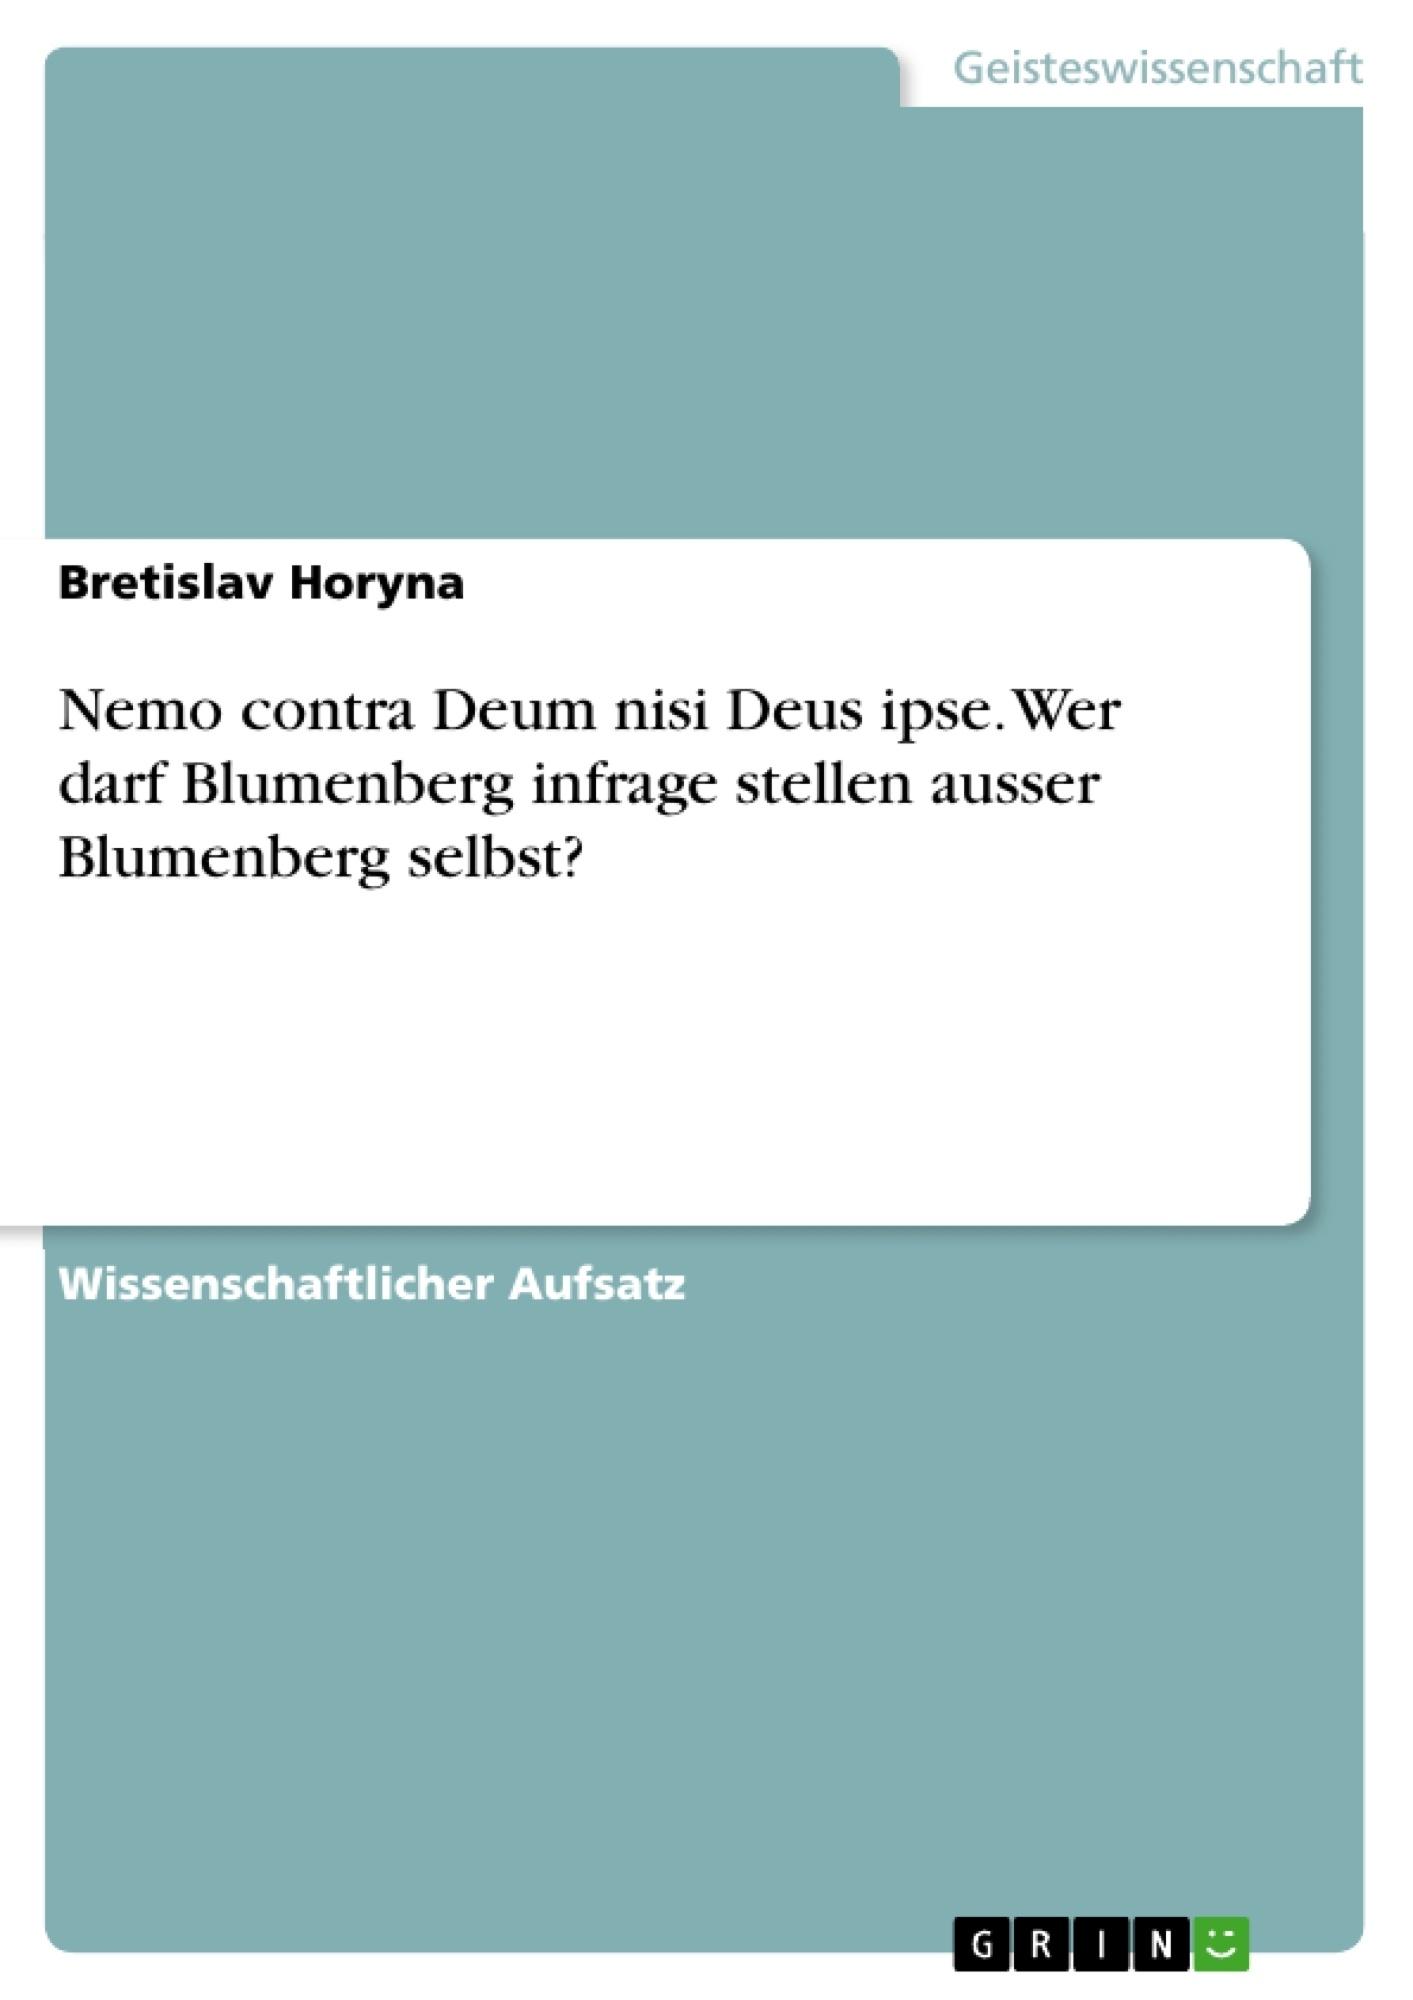 Titel: Nemo contra Deum nisi Deus ipse. Wer darf Blumenberg infrage stellen ausser Blumenberg selbst?